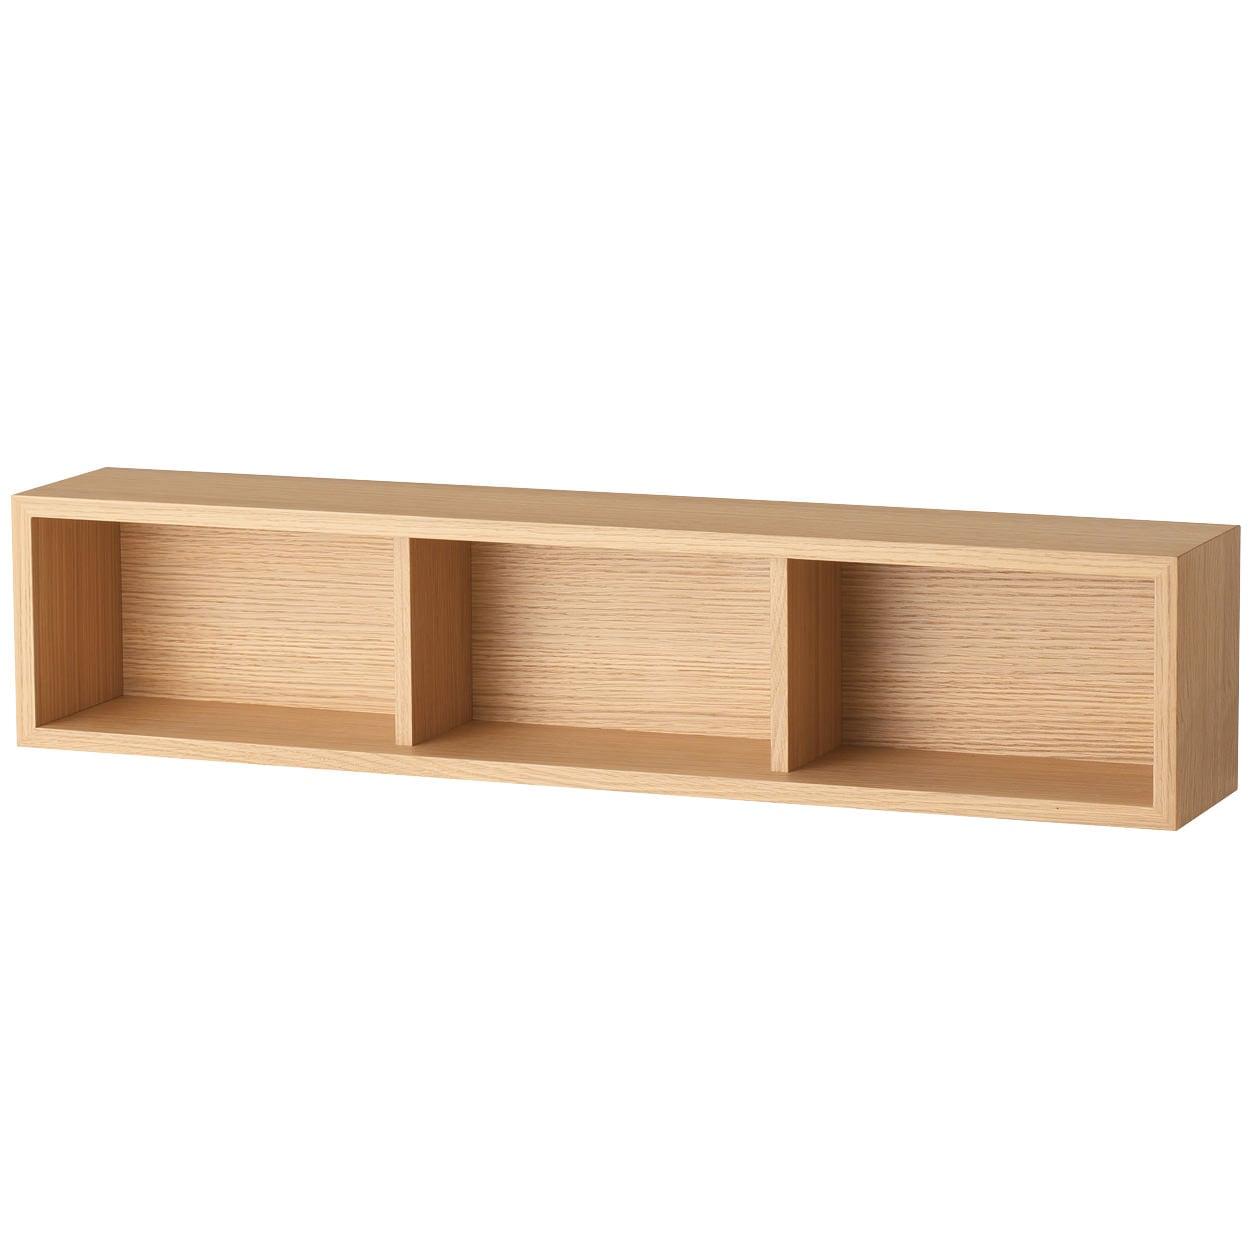 壁に付けられる家具・箱・幅88cm・オーク材 幅88×奥行15.5×高さ19cm